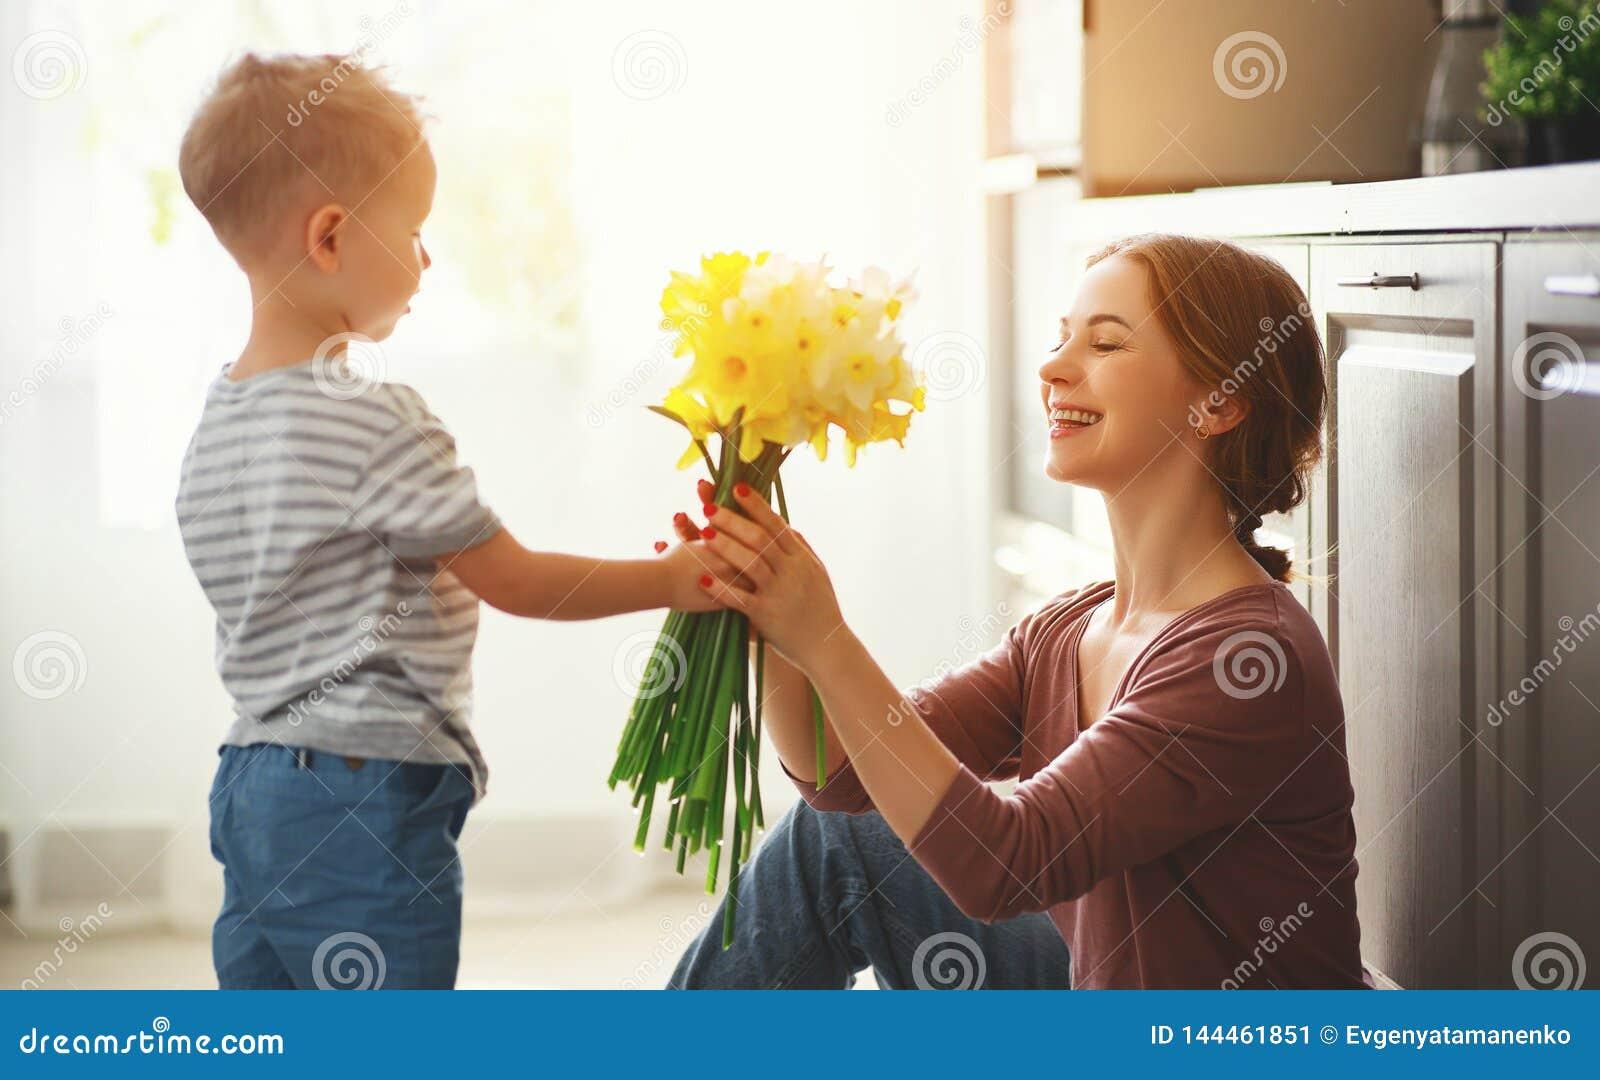 Glücklicher Muttertag! Kindersohn gibt flowersfor Mutter am Feiertag